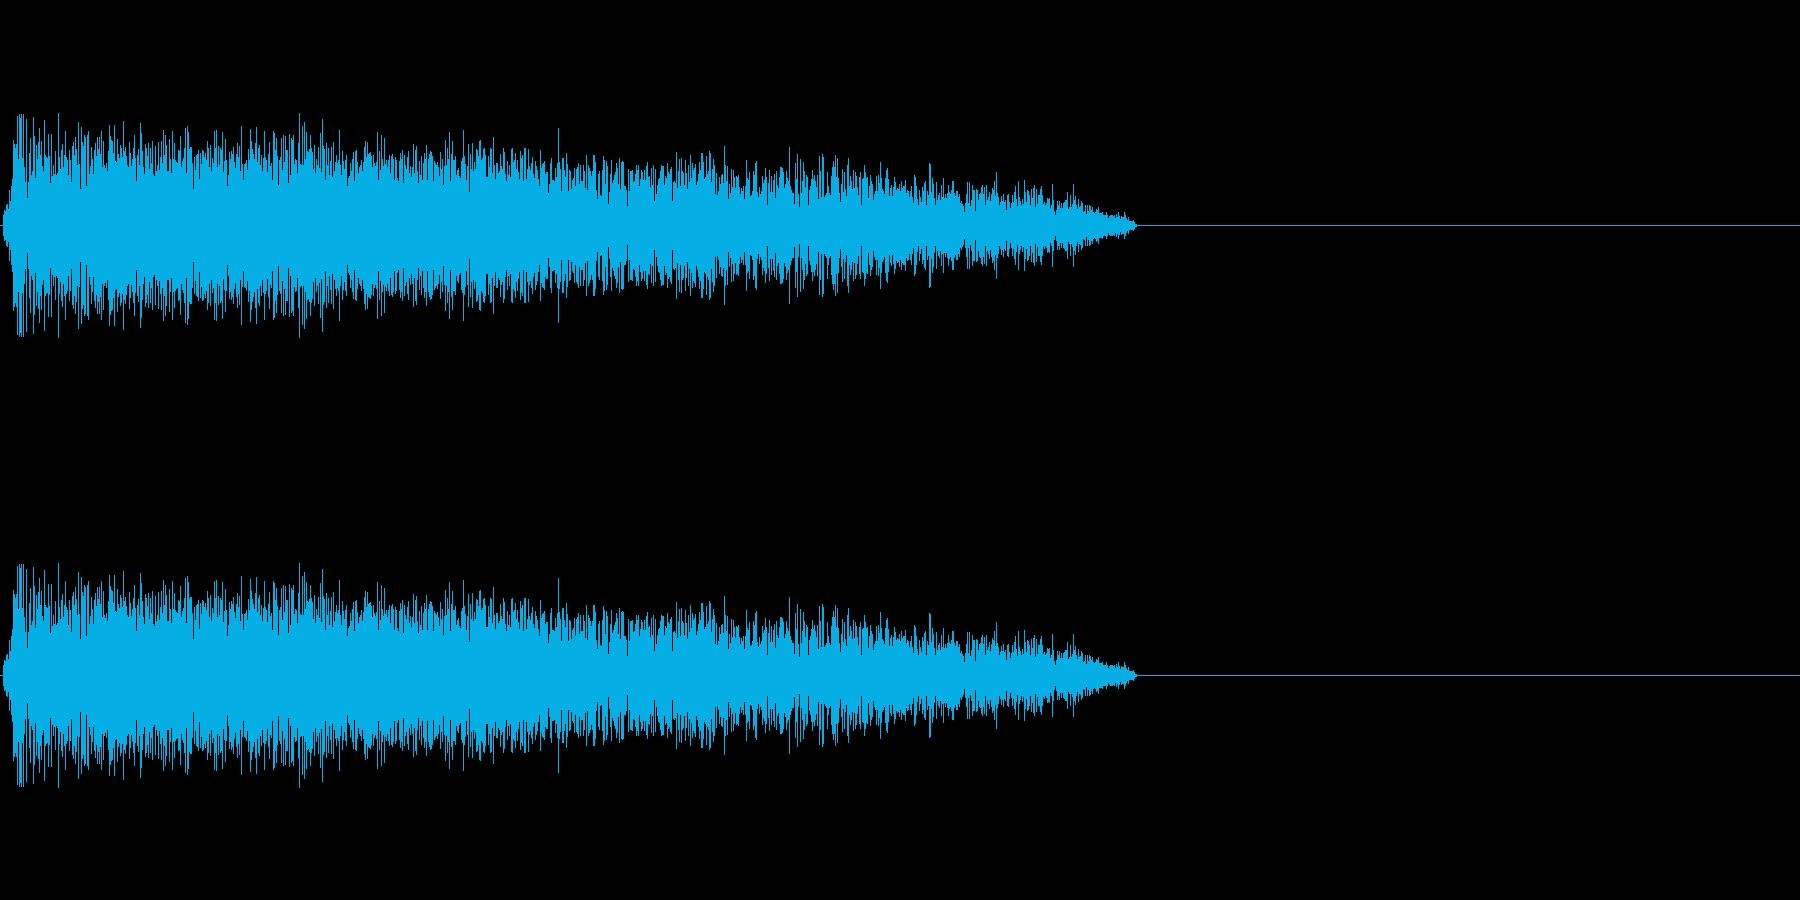 LoFiドラムキット07-シンバル01の再生済みの波形